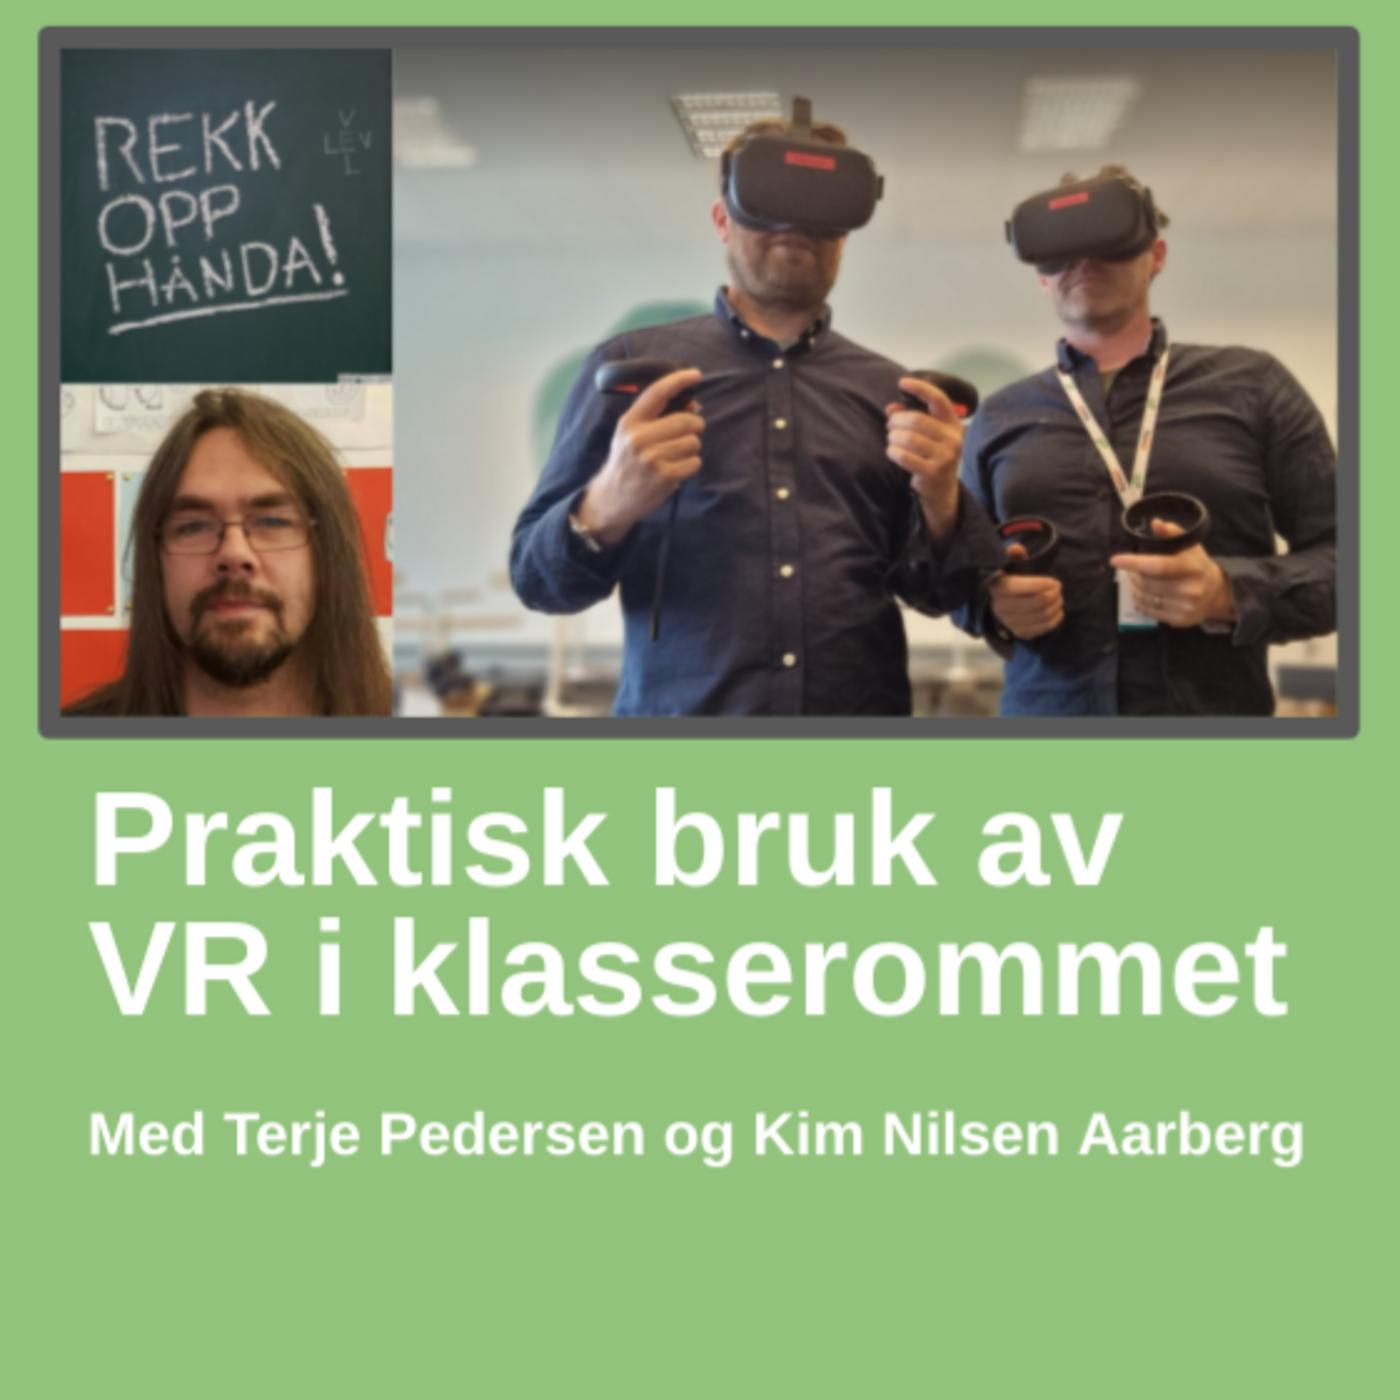 Praktisk bruk av VR i klasserommet - med Terje Pedersen og Kim Nilsen Aarberg